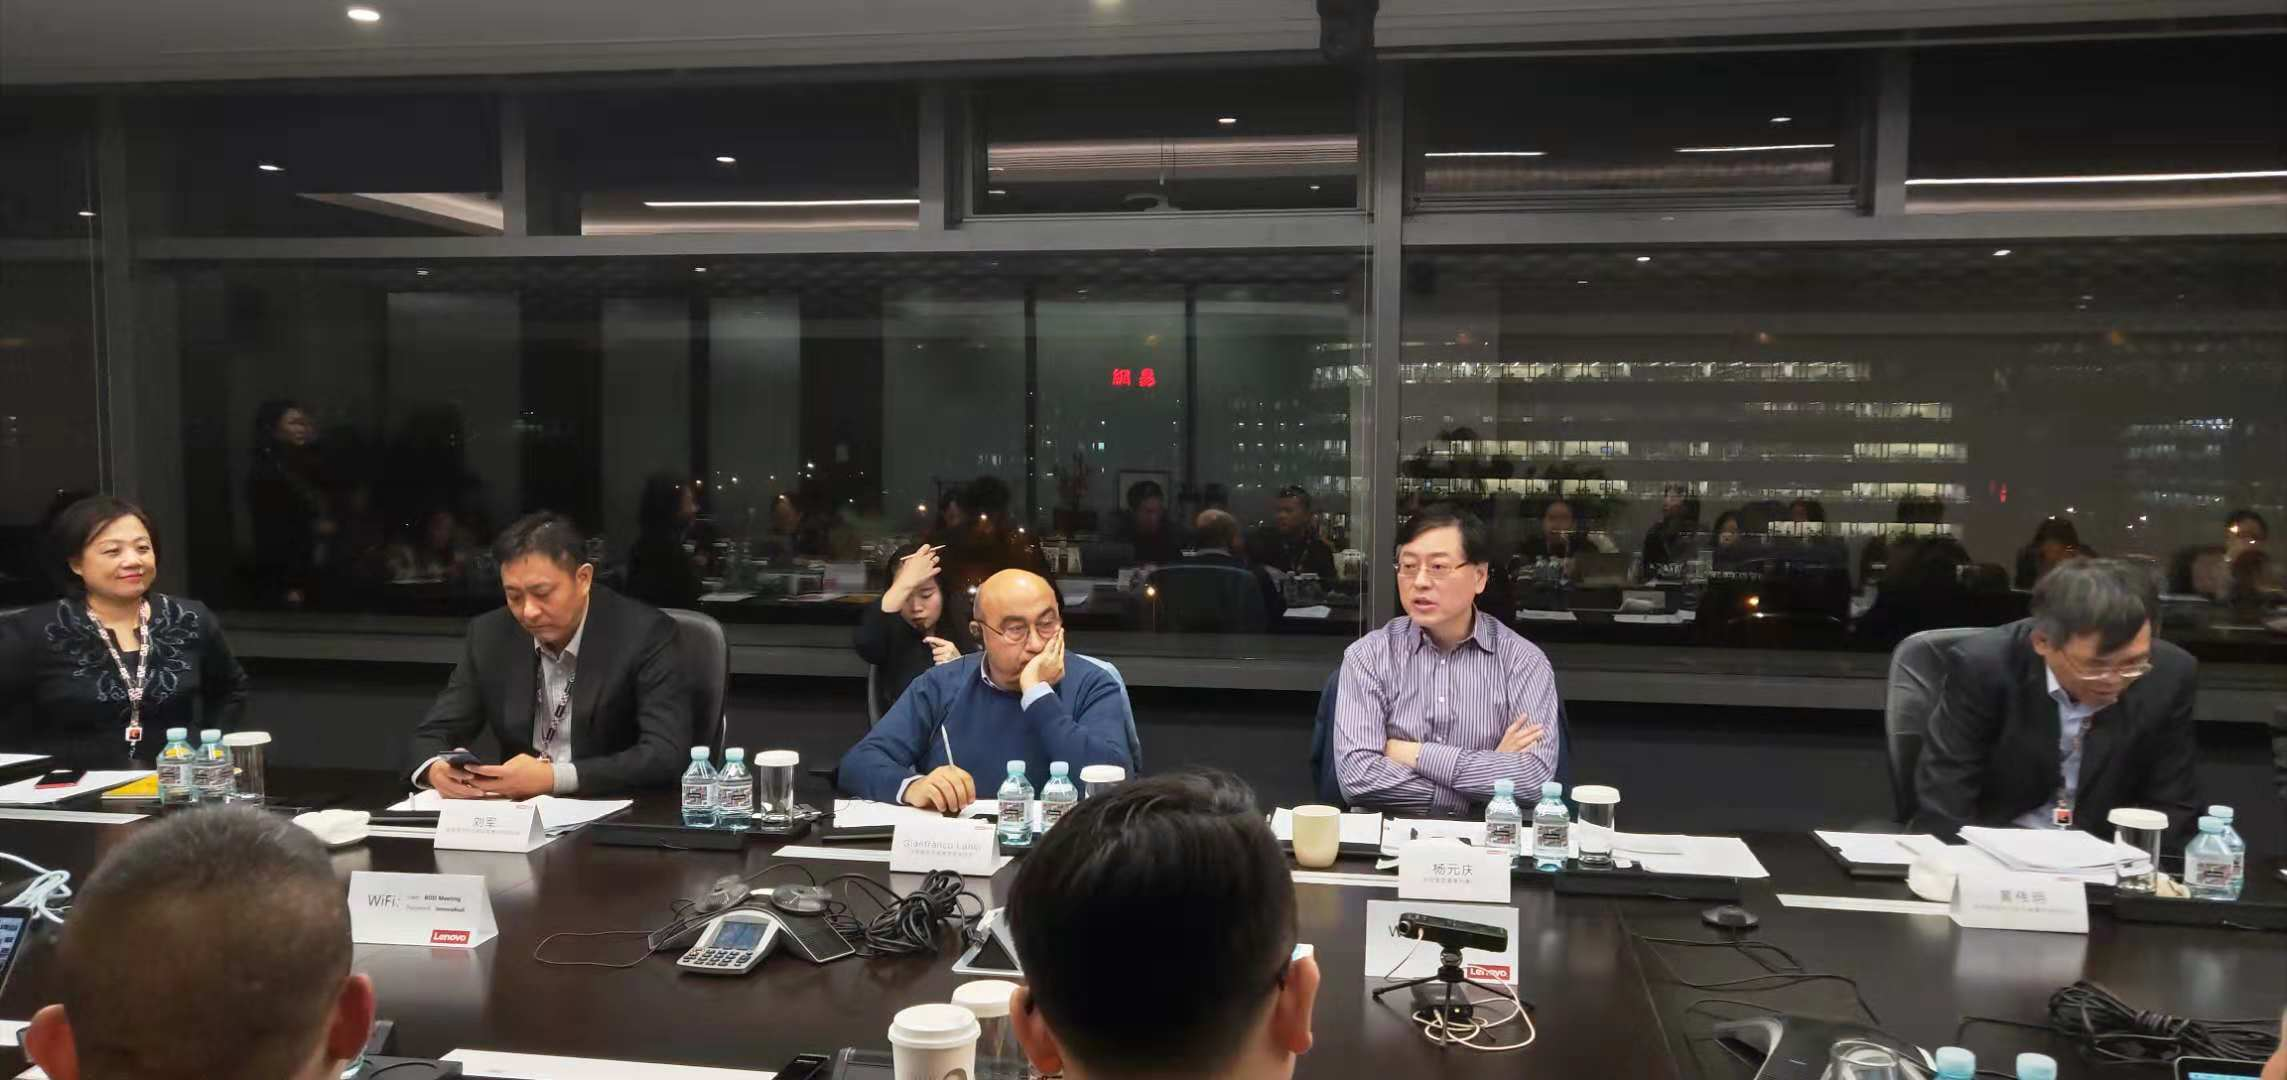 杨元庆:联想上半年营收创新高 转型成效渐显